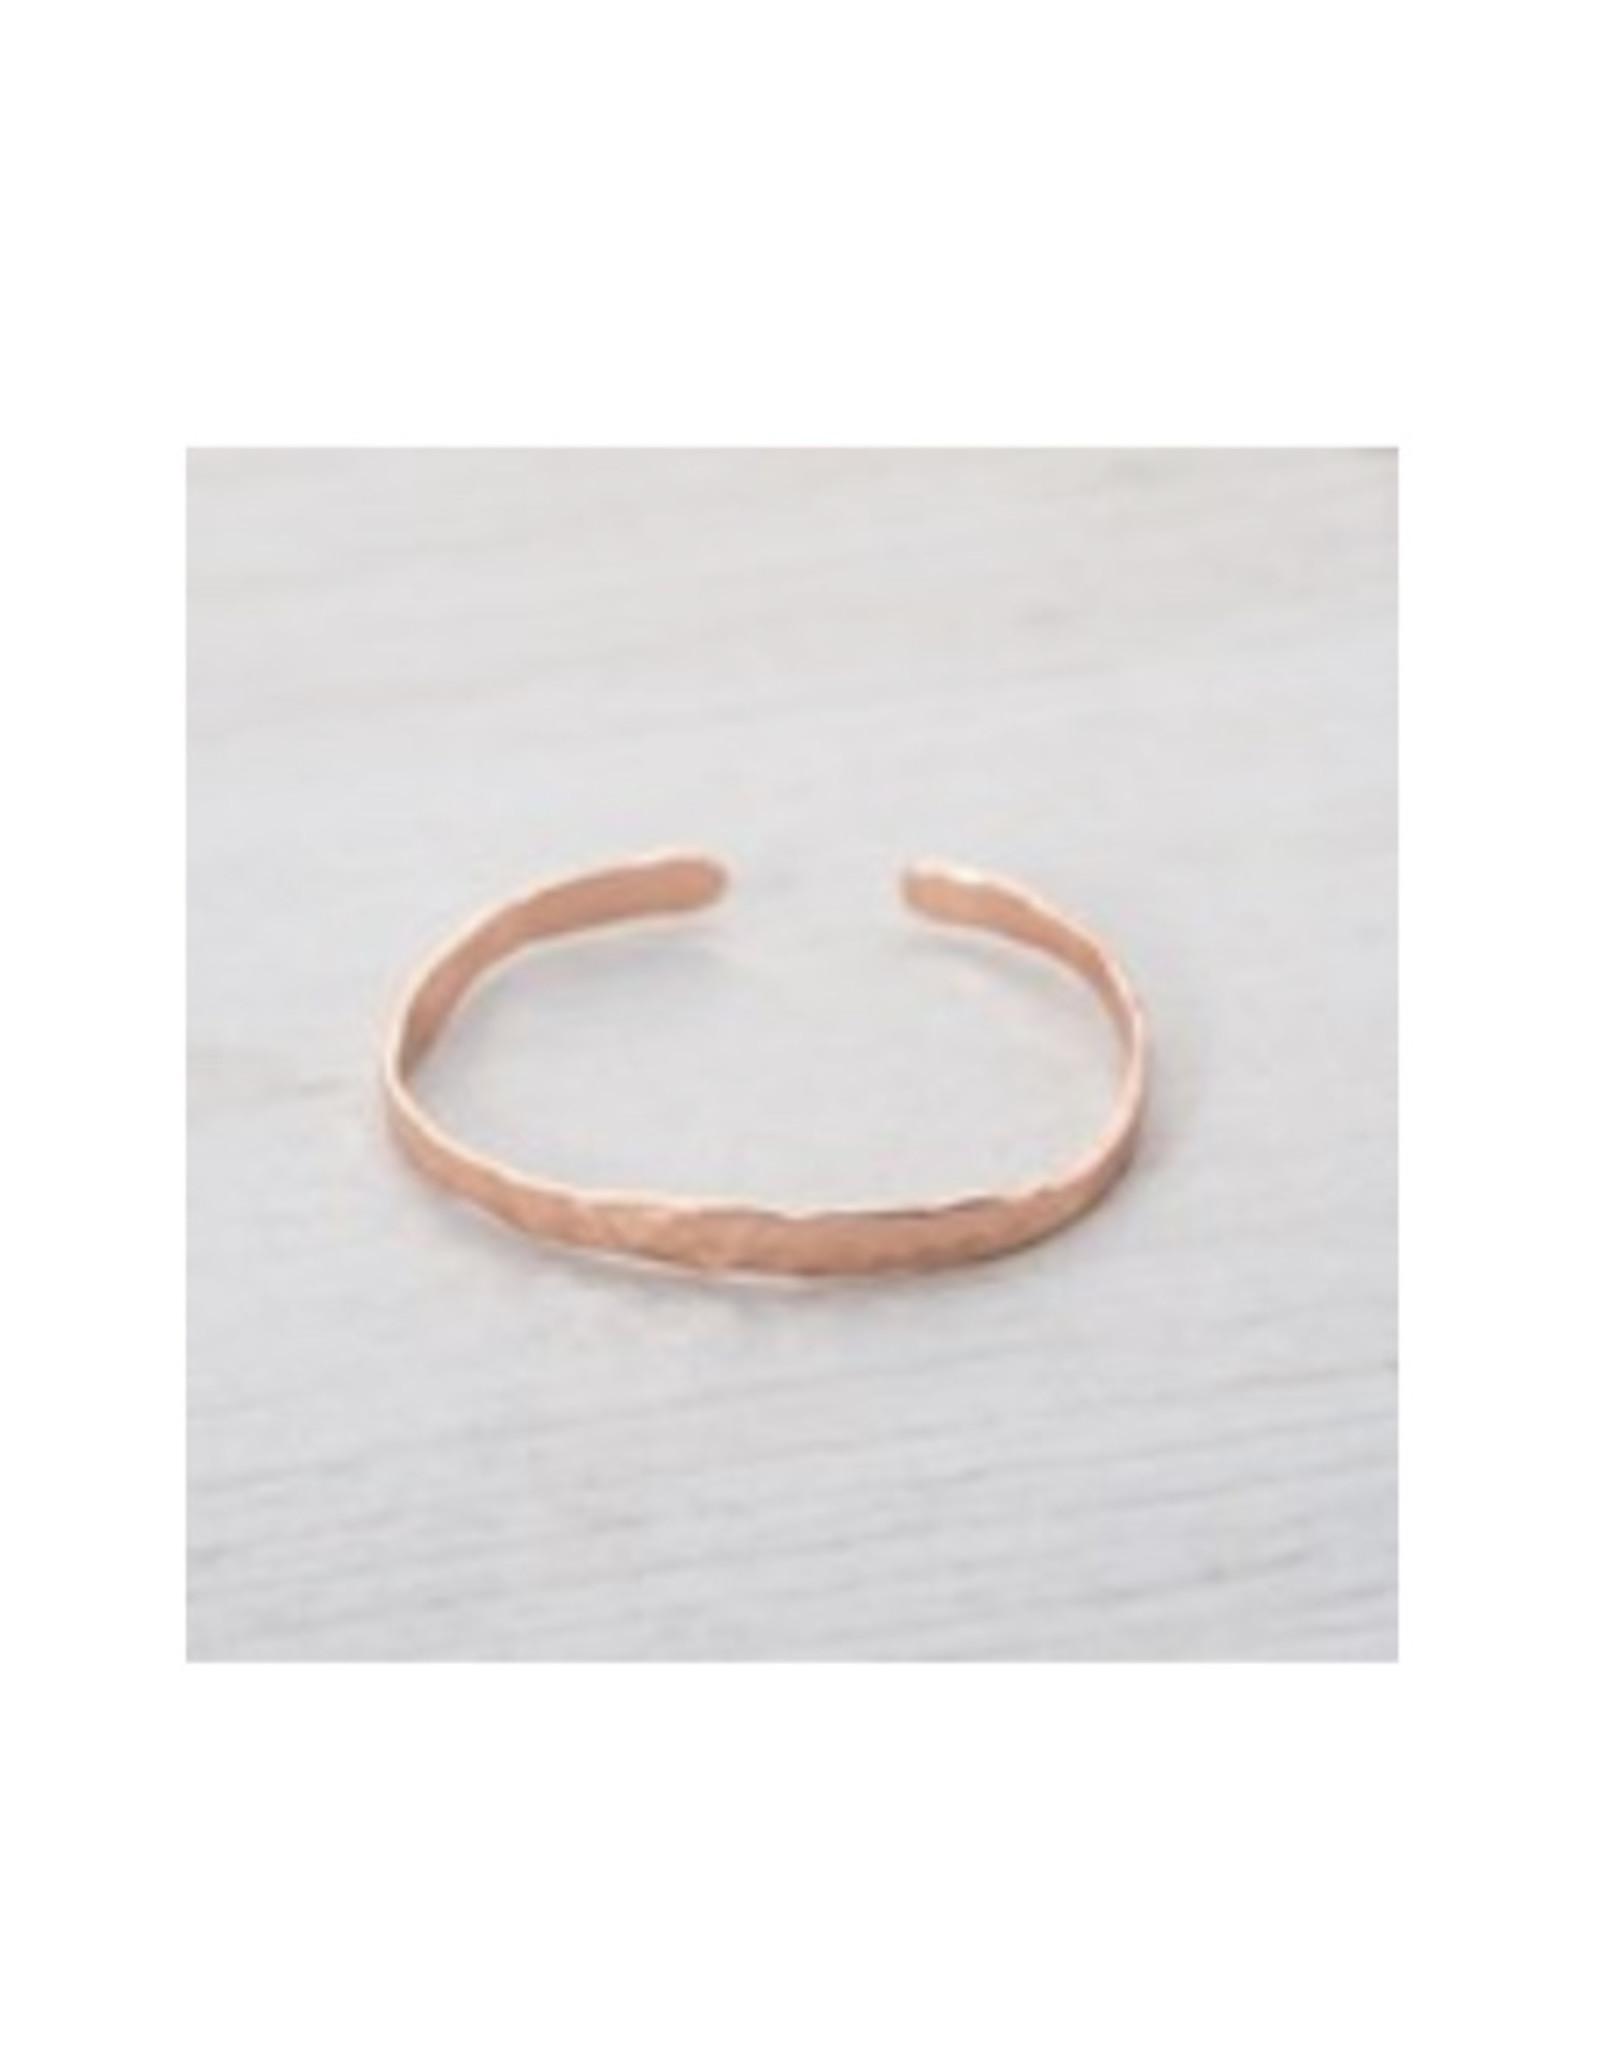 Glee jewelry Facile Cuff/Rose Gold